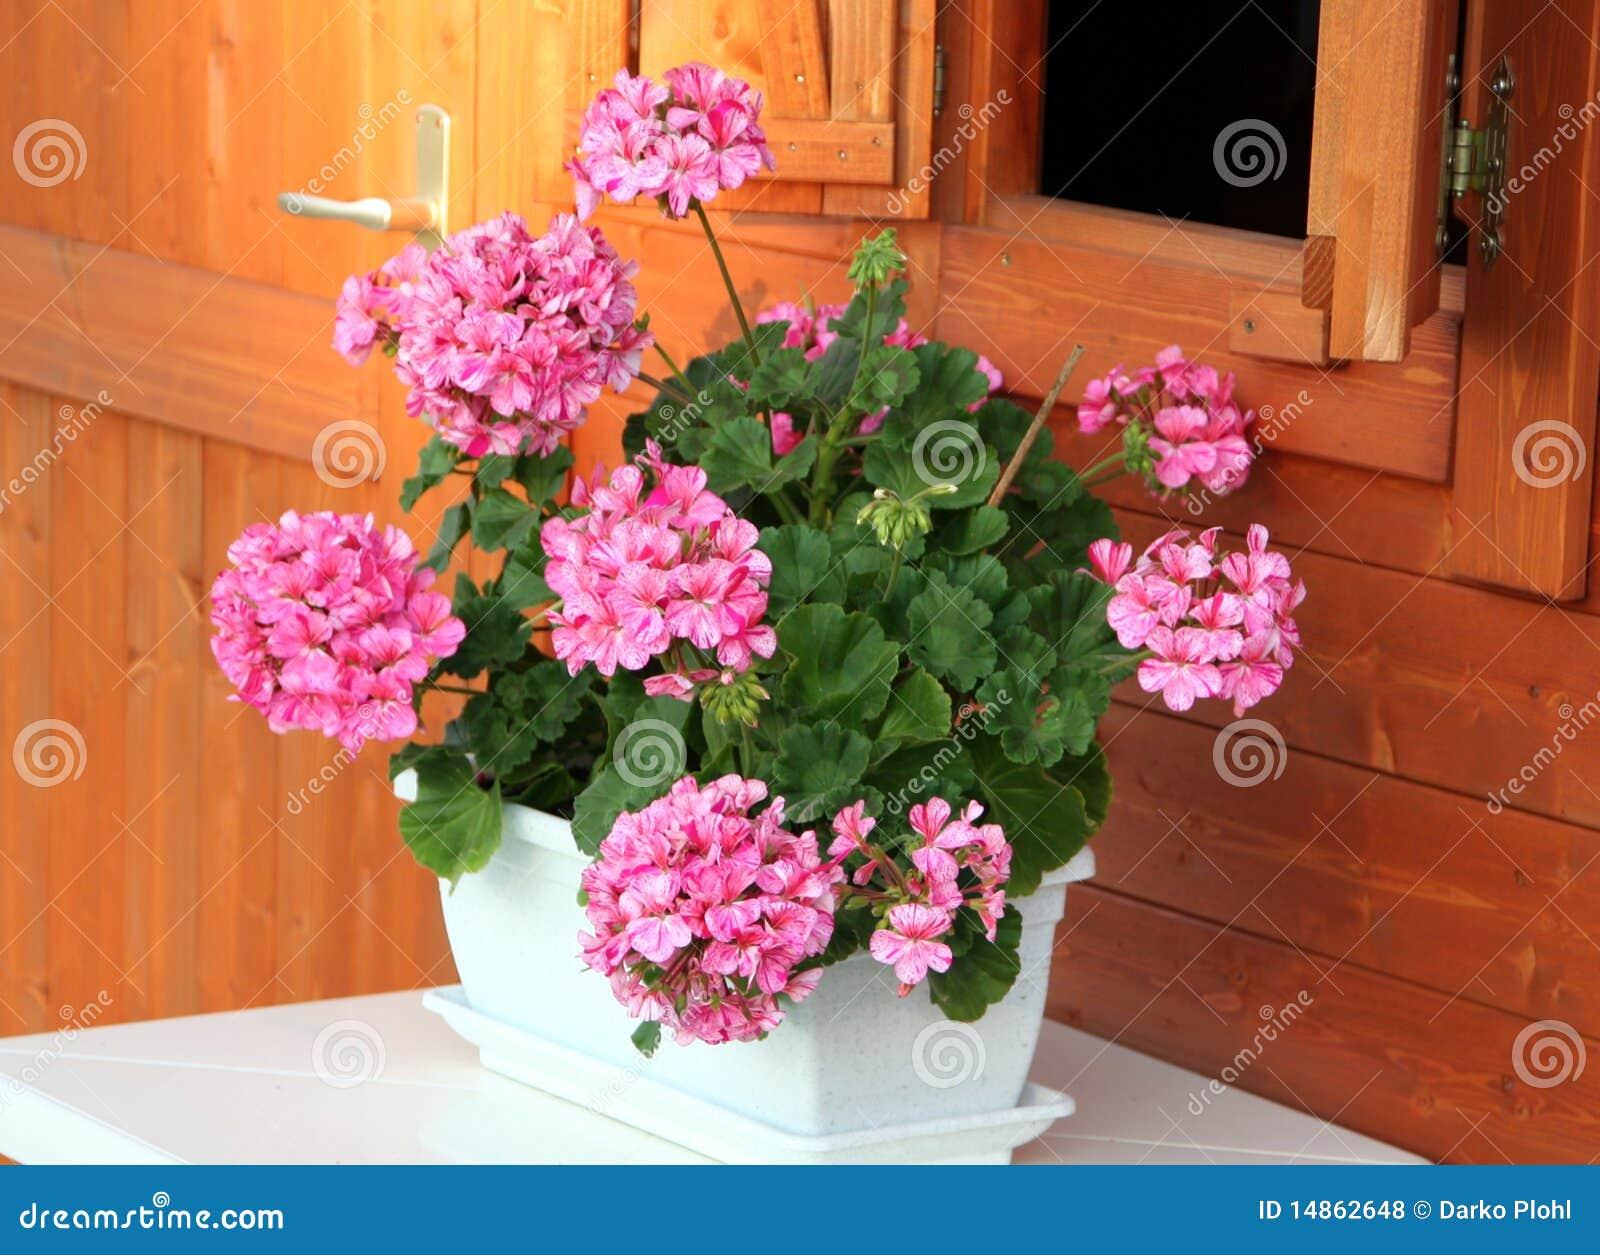 Pelargonium in the white pot